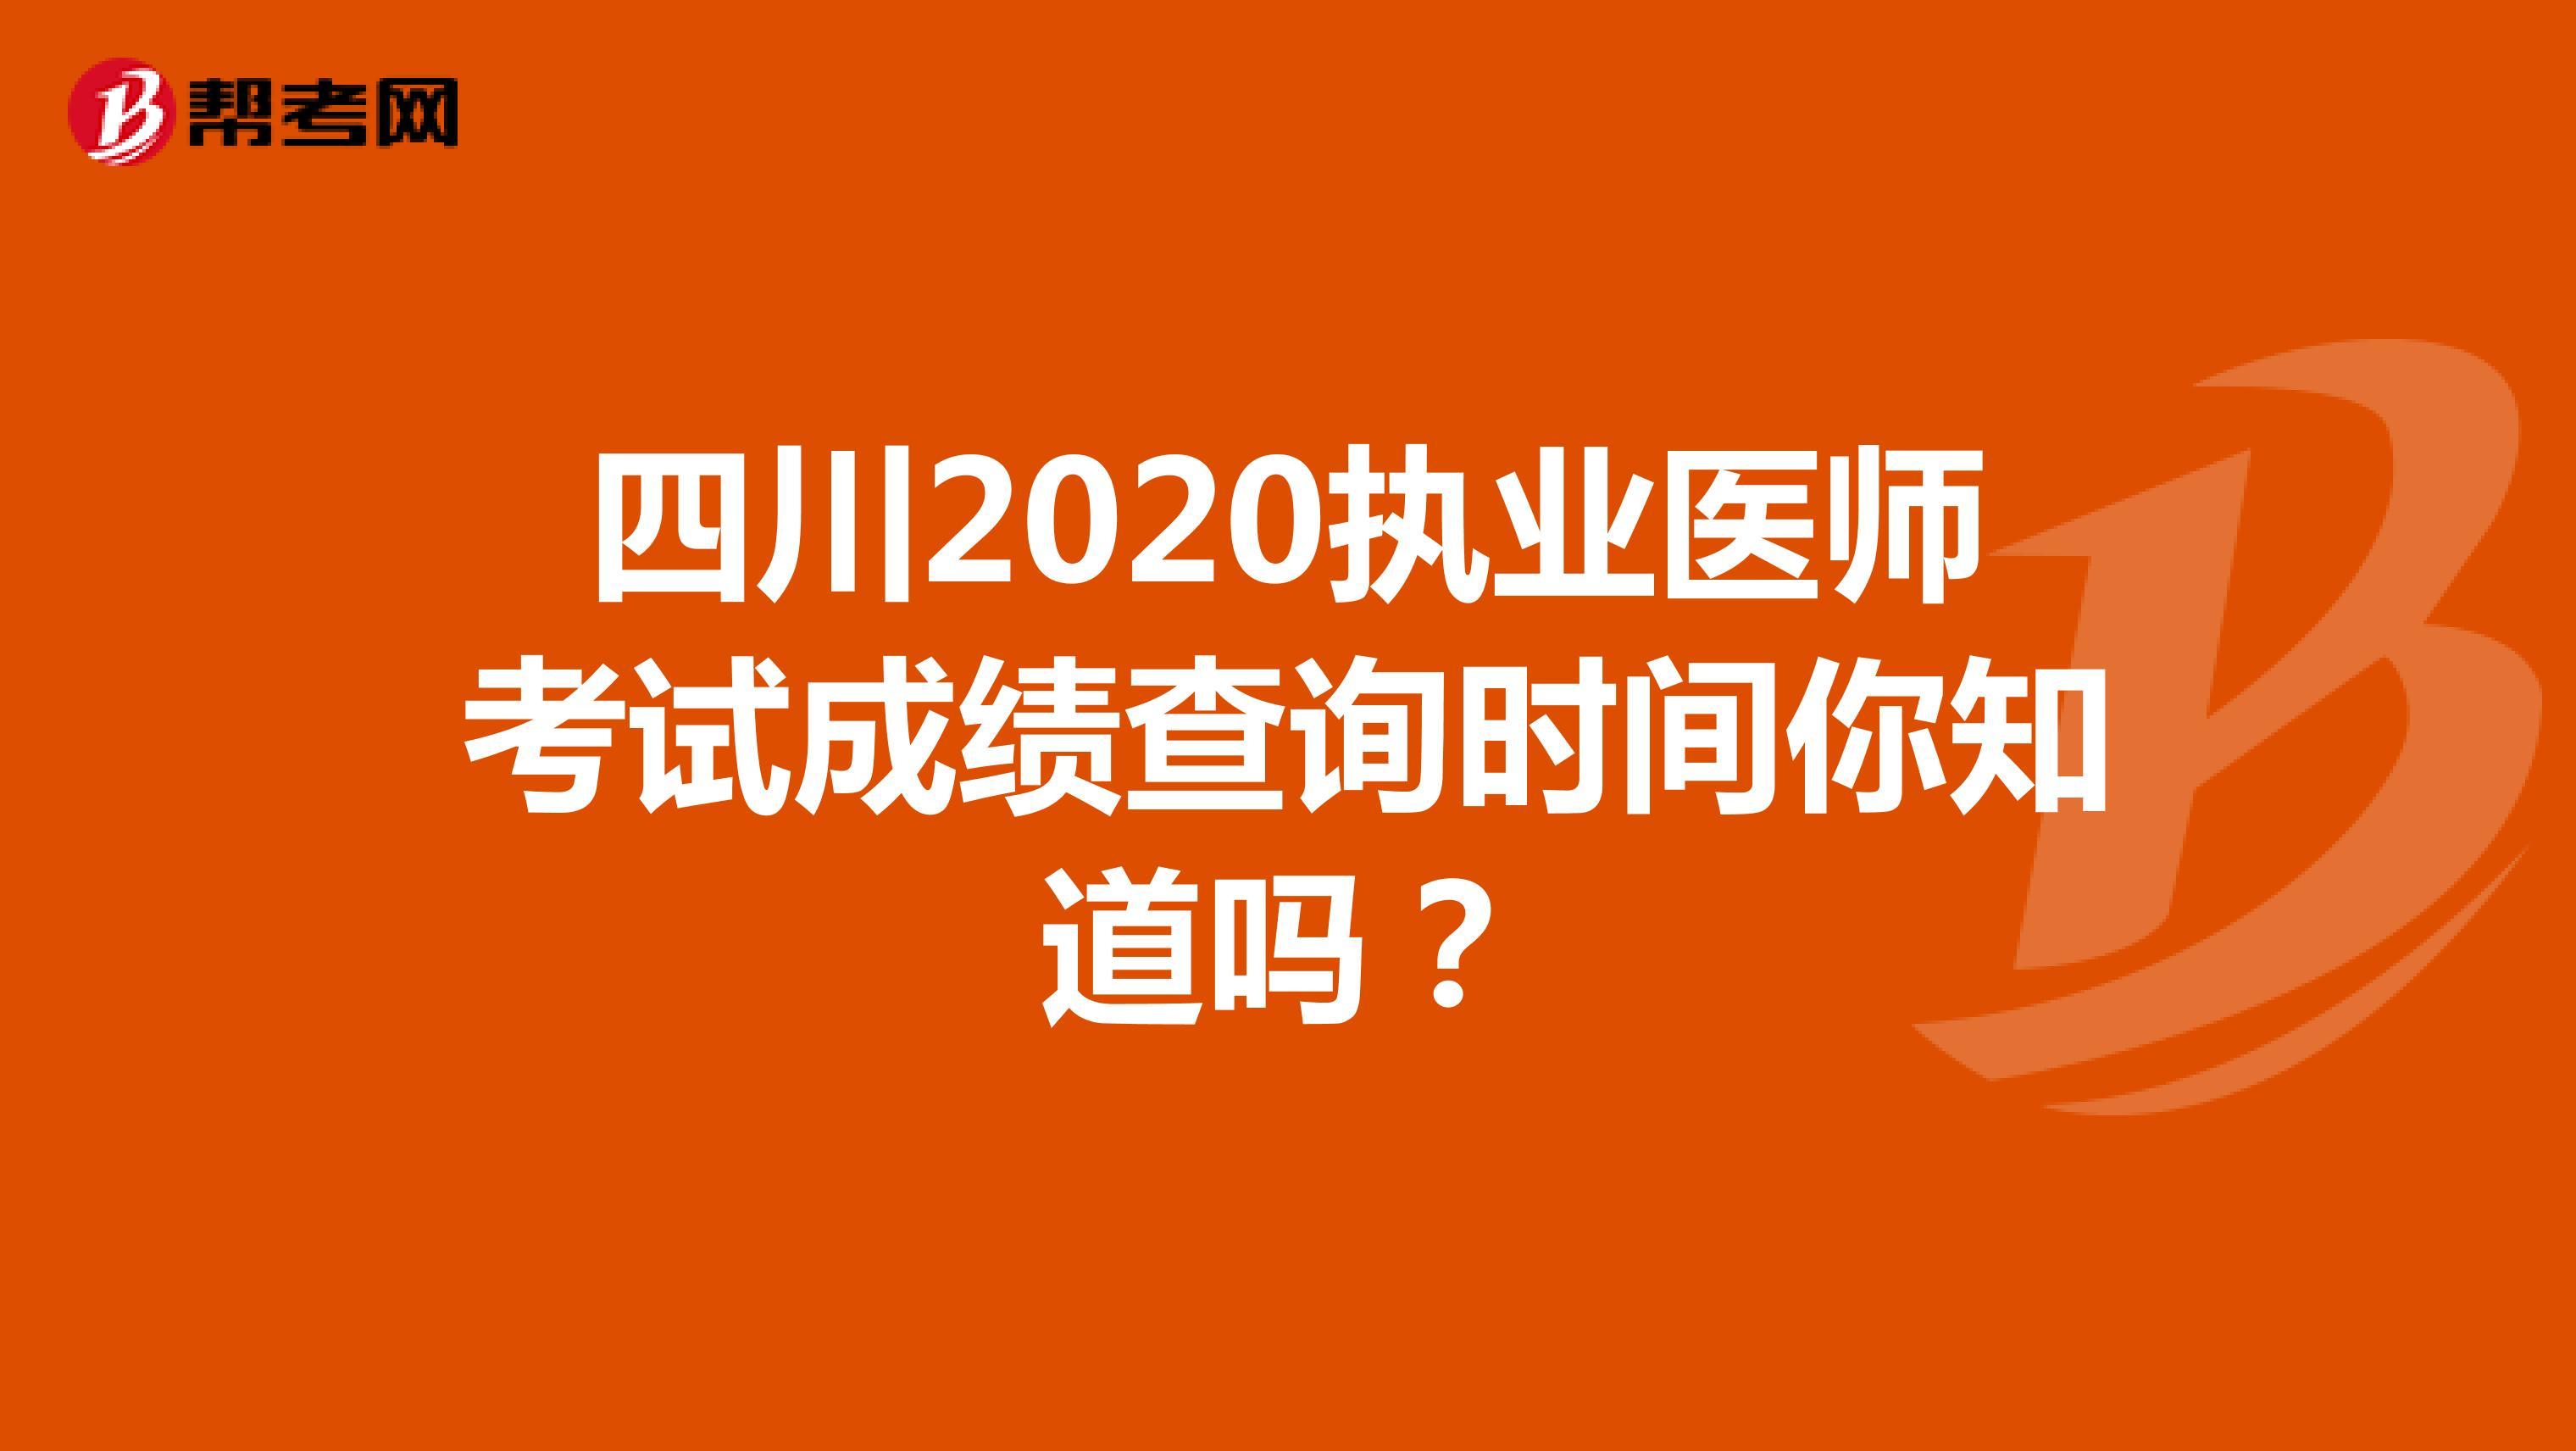 四川2020执业医师考试成绩查询时间你知道吗?